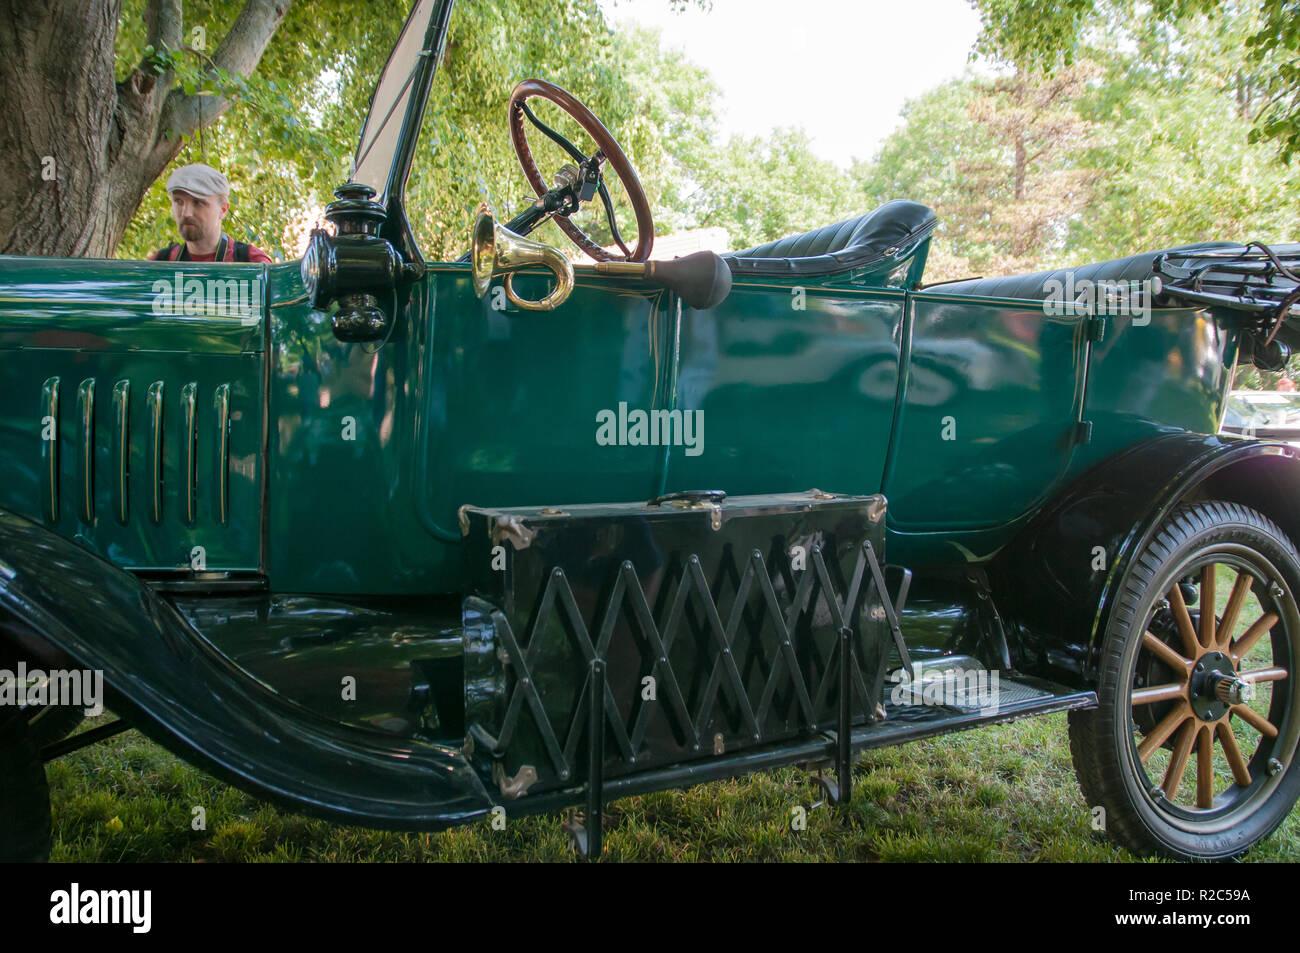 Ford Modell T (auch als Tin Lizzie, metallische Liza oder Flivver, Kraksn) wurde ein Auto von der Ford Motor Company Henry Ford von 1908 bis 1927 produziert. Stockbild